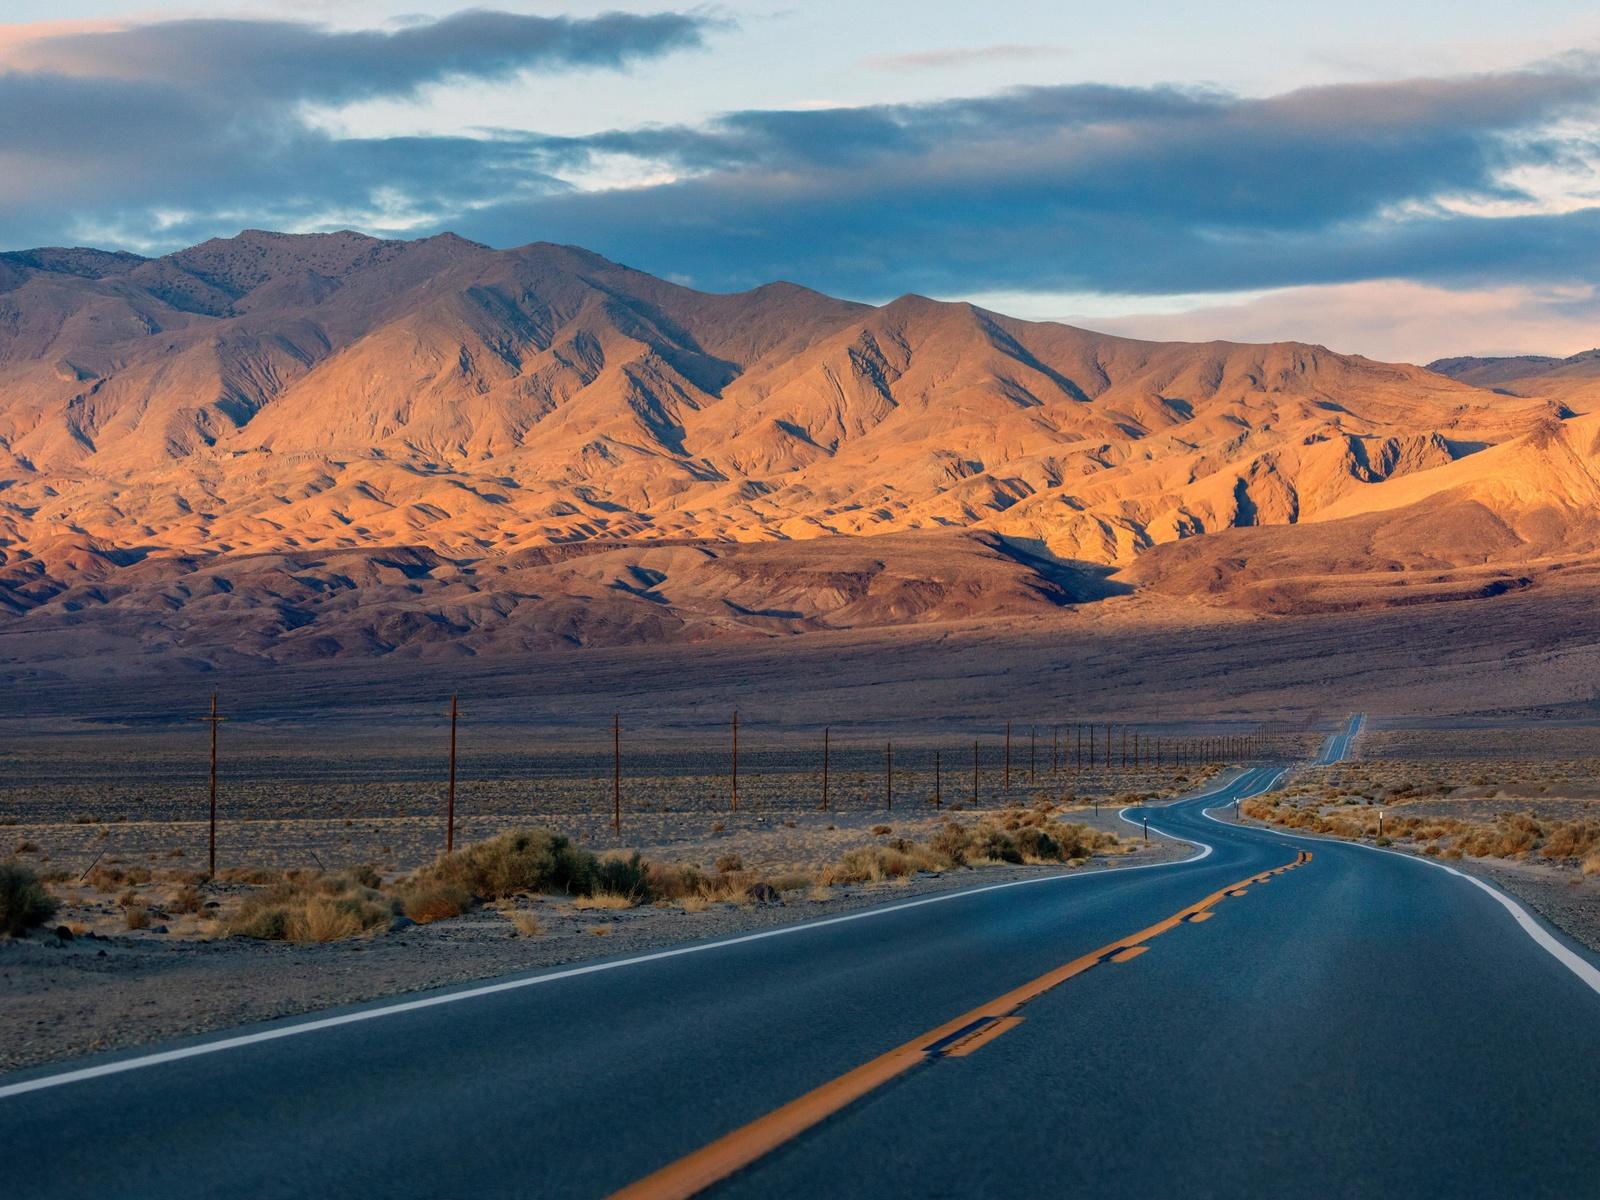 дорога, горы, разметка